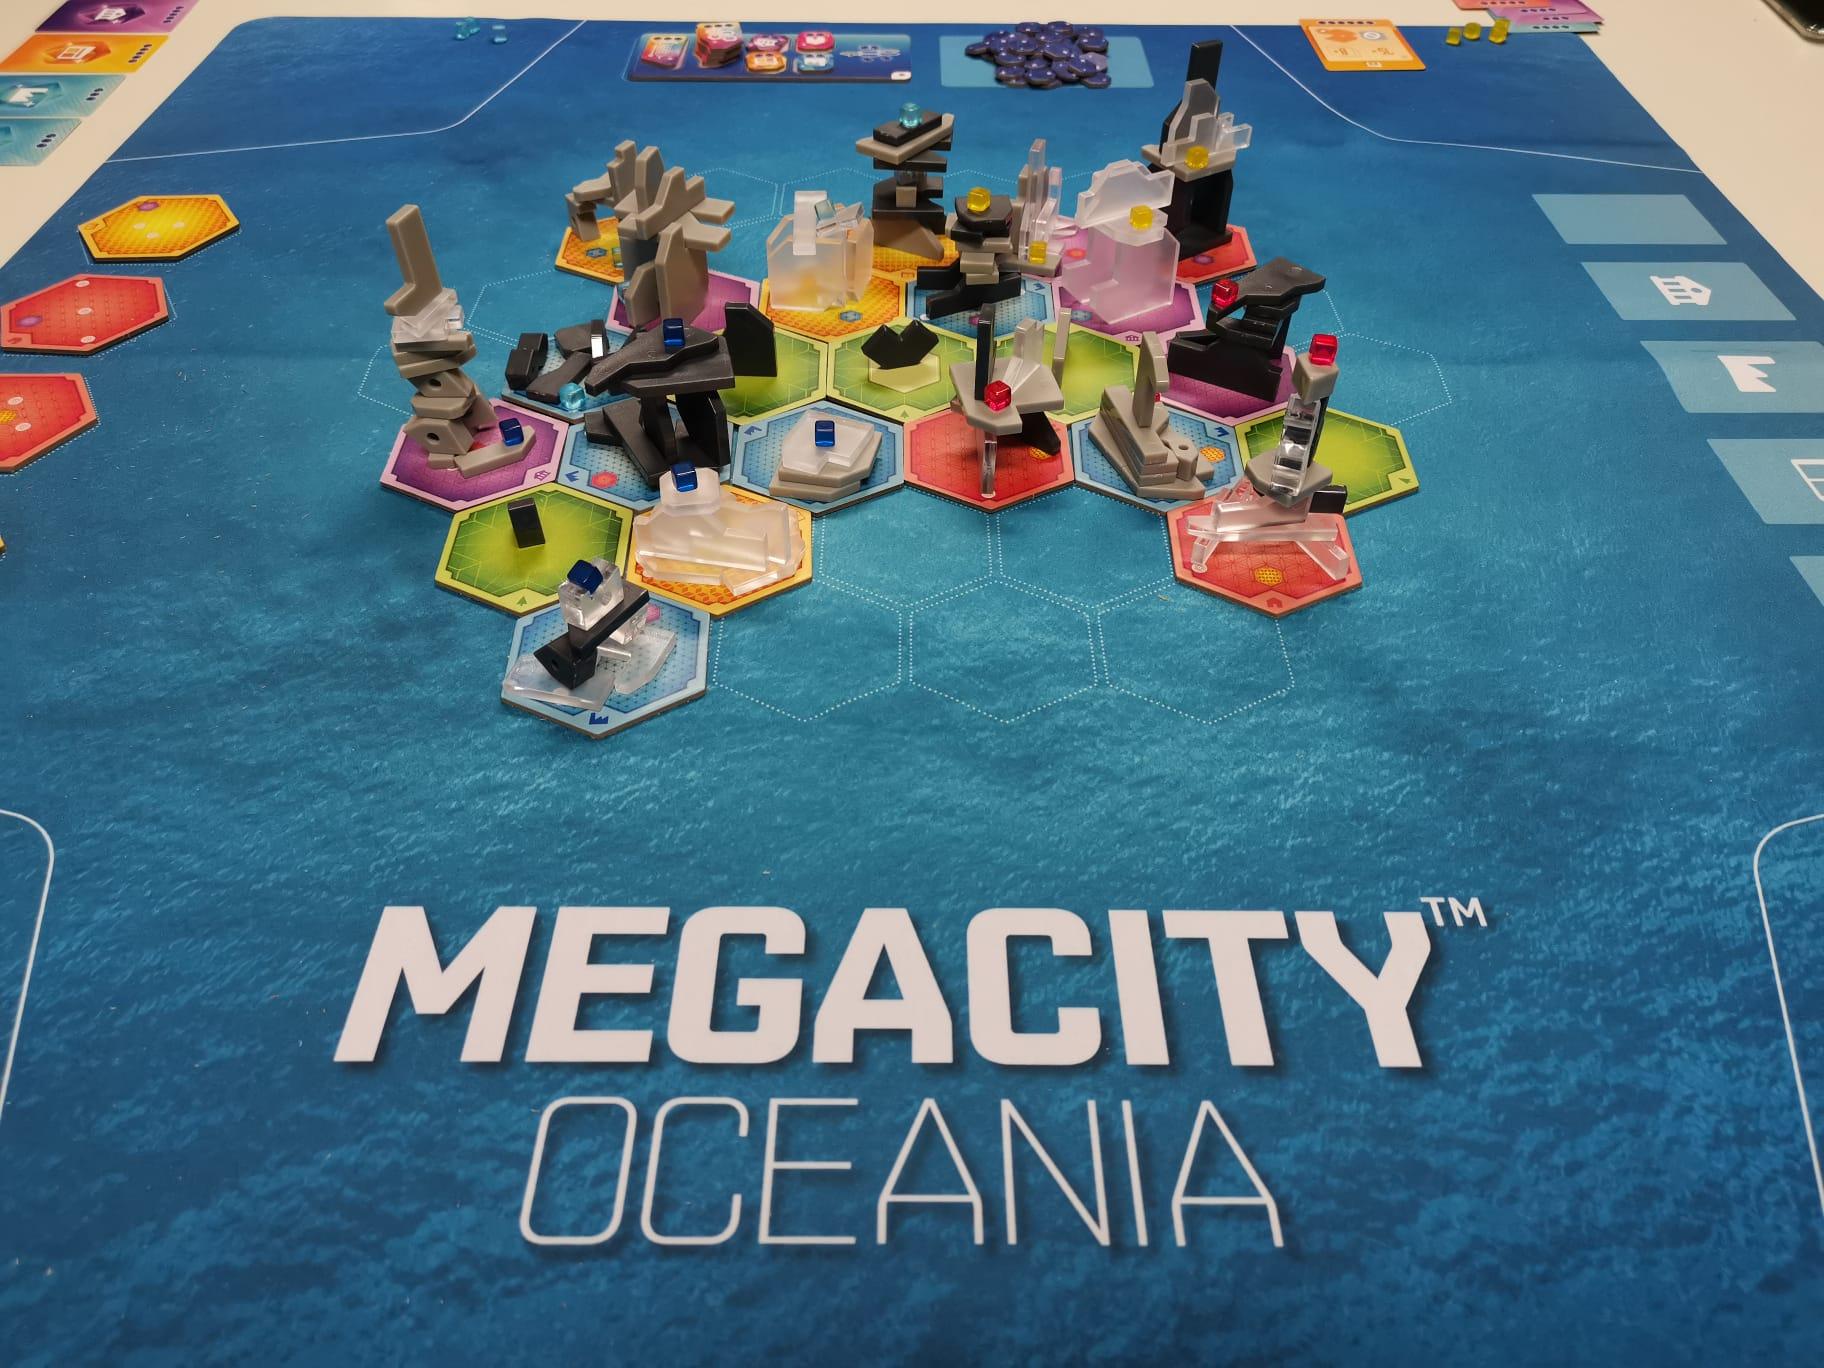 Megacity Oceania: una meraviglia dell'architettura del futuro